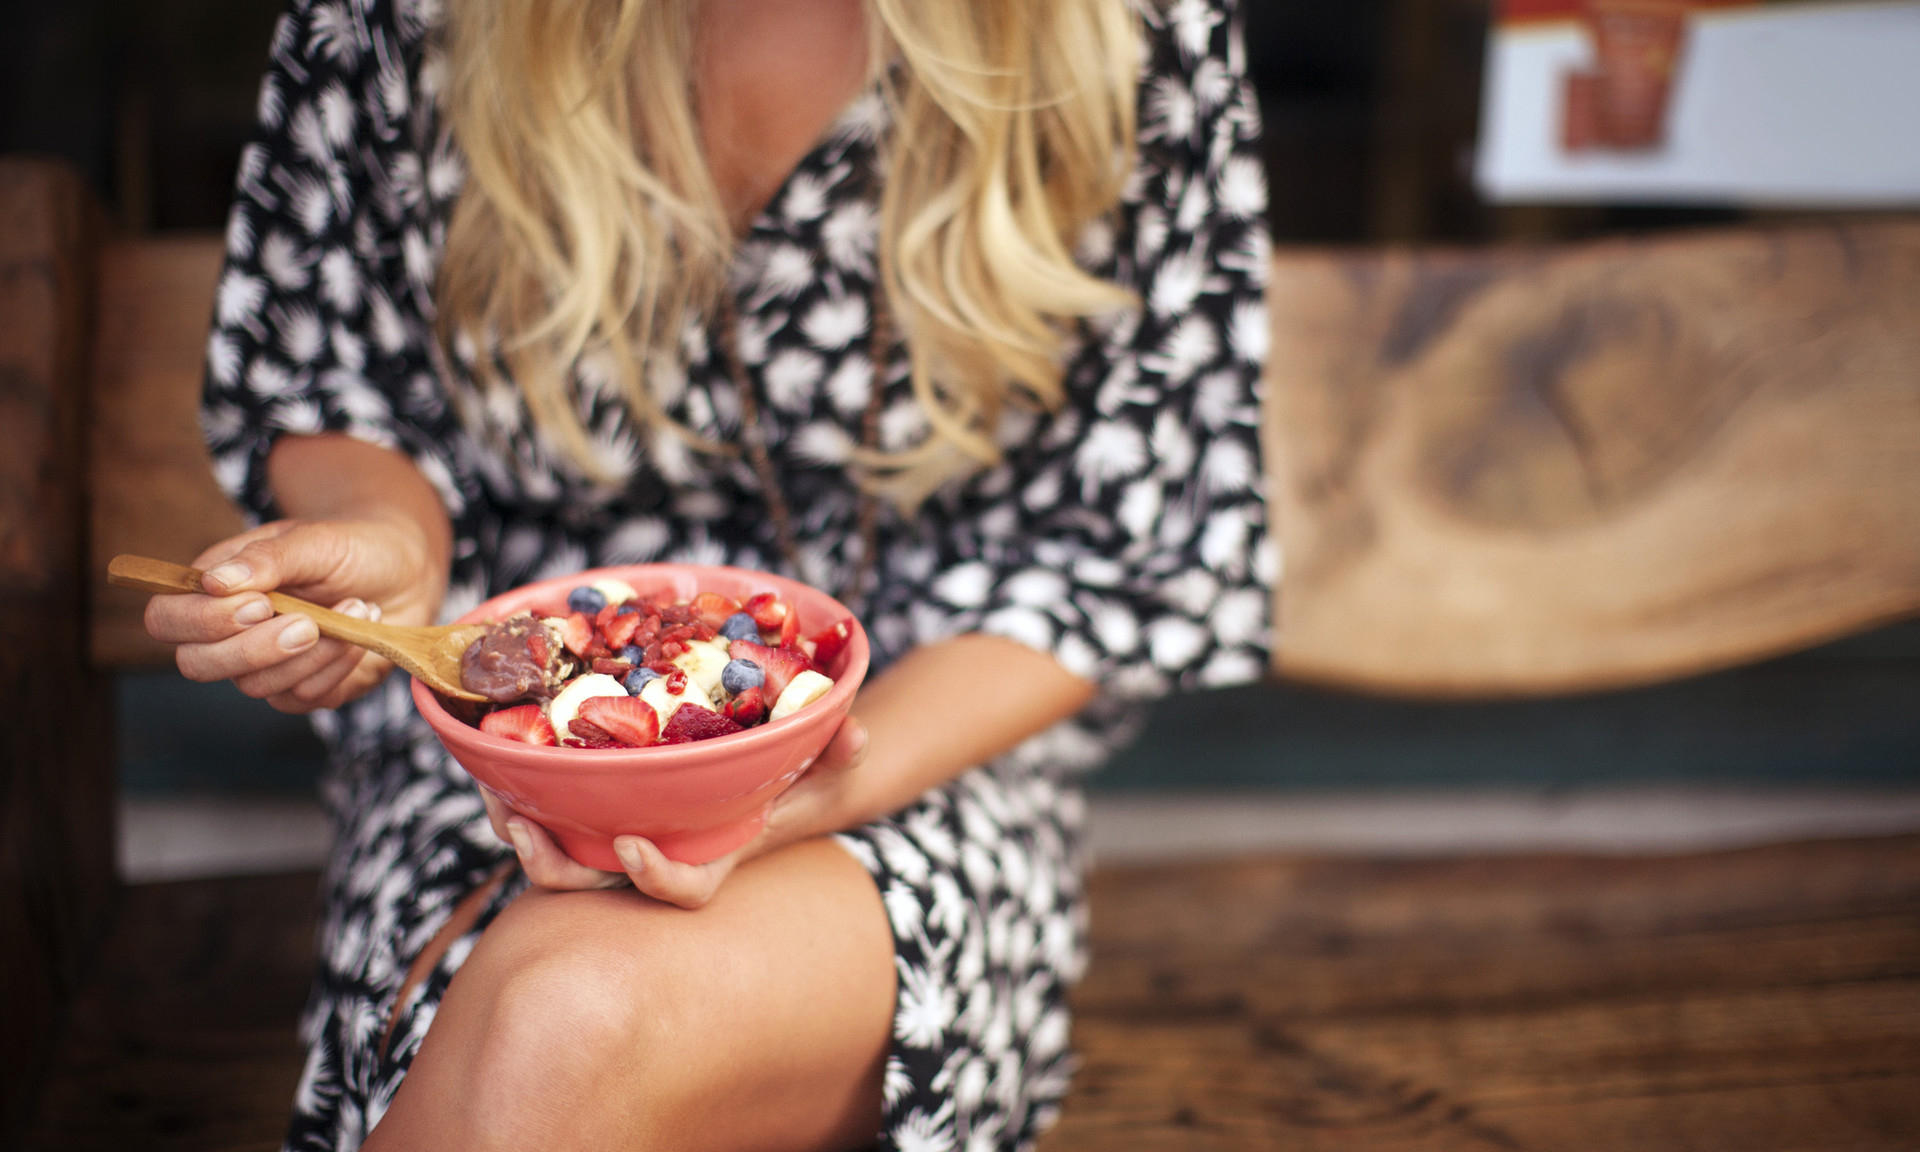 Мигрень на тарелке: еда, которая причиняет головную боль